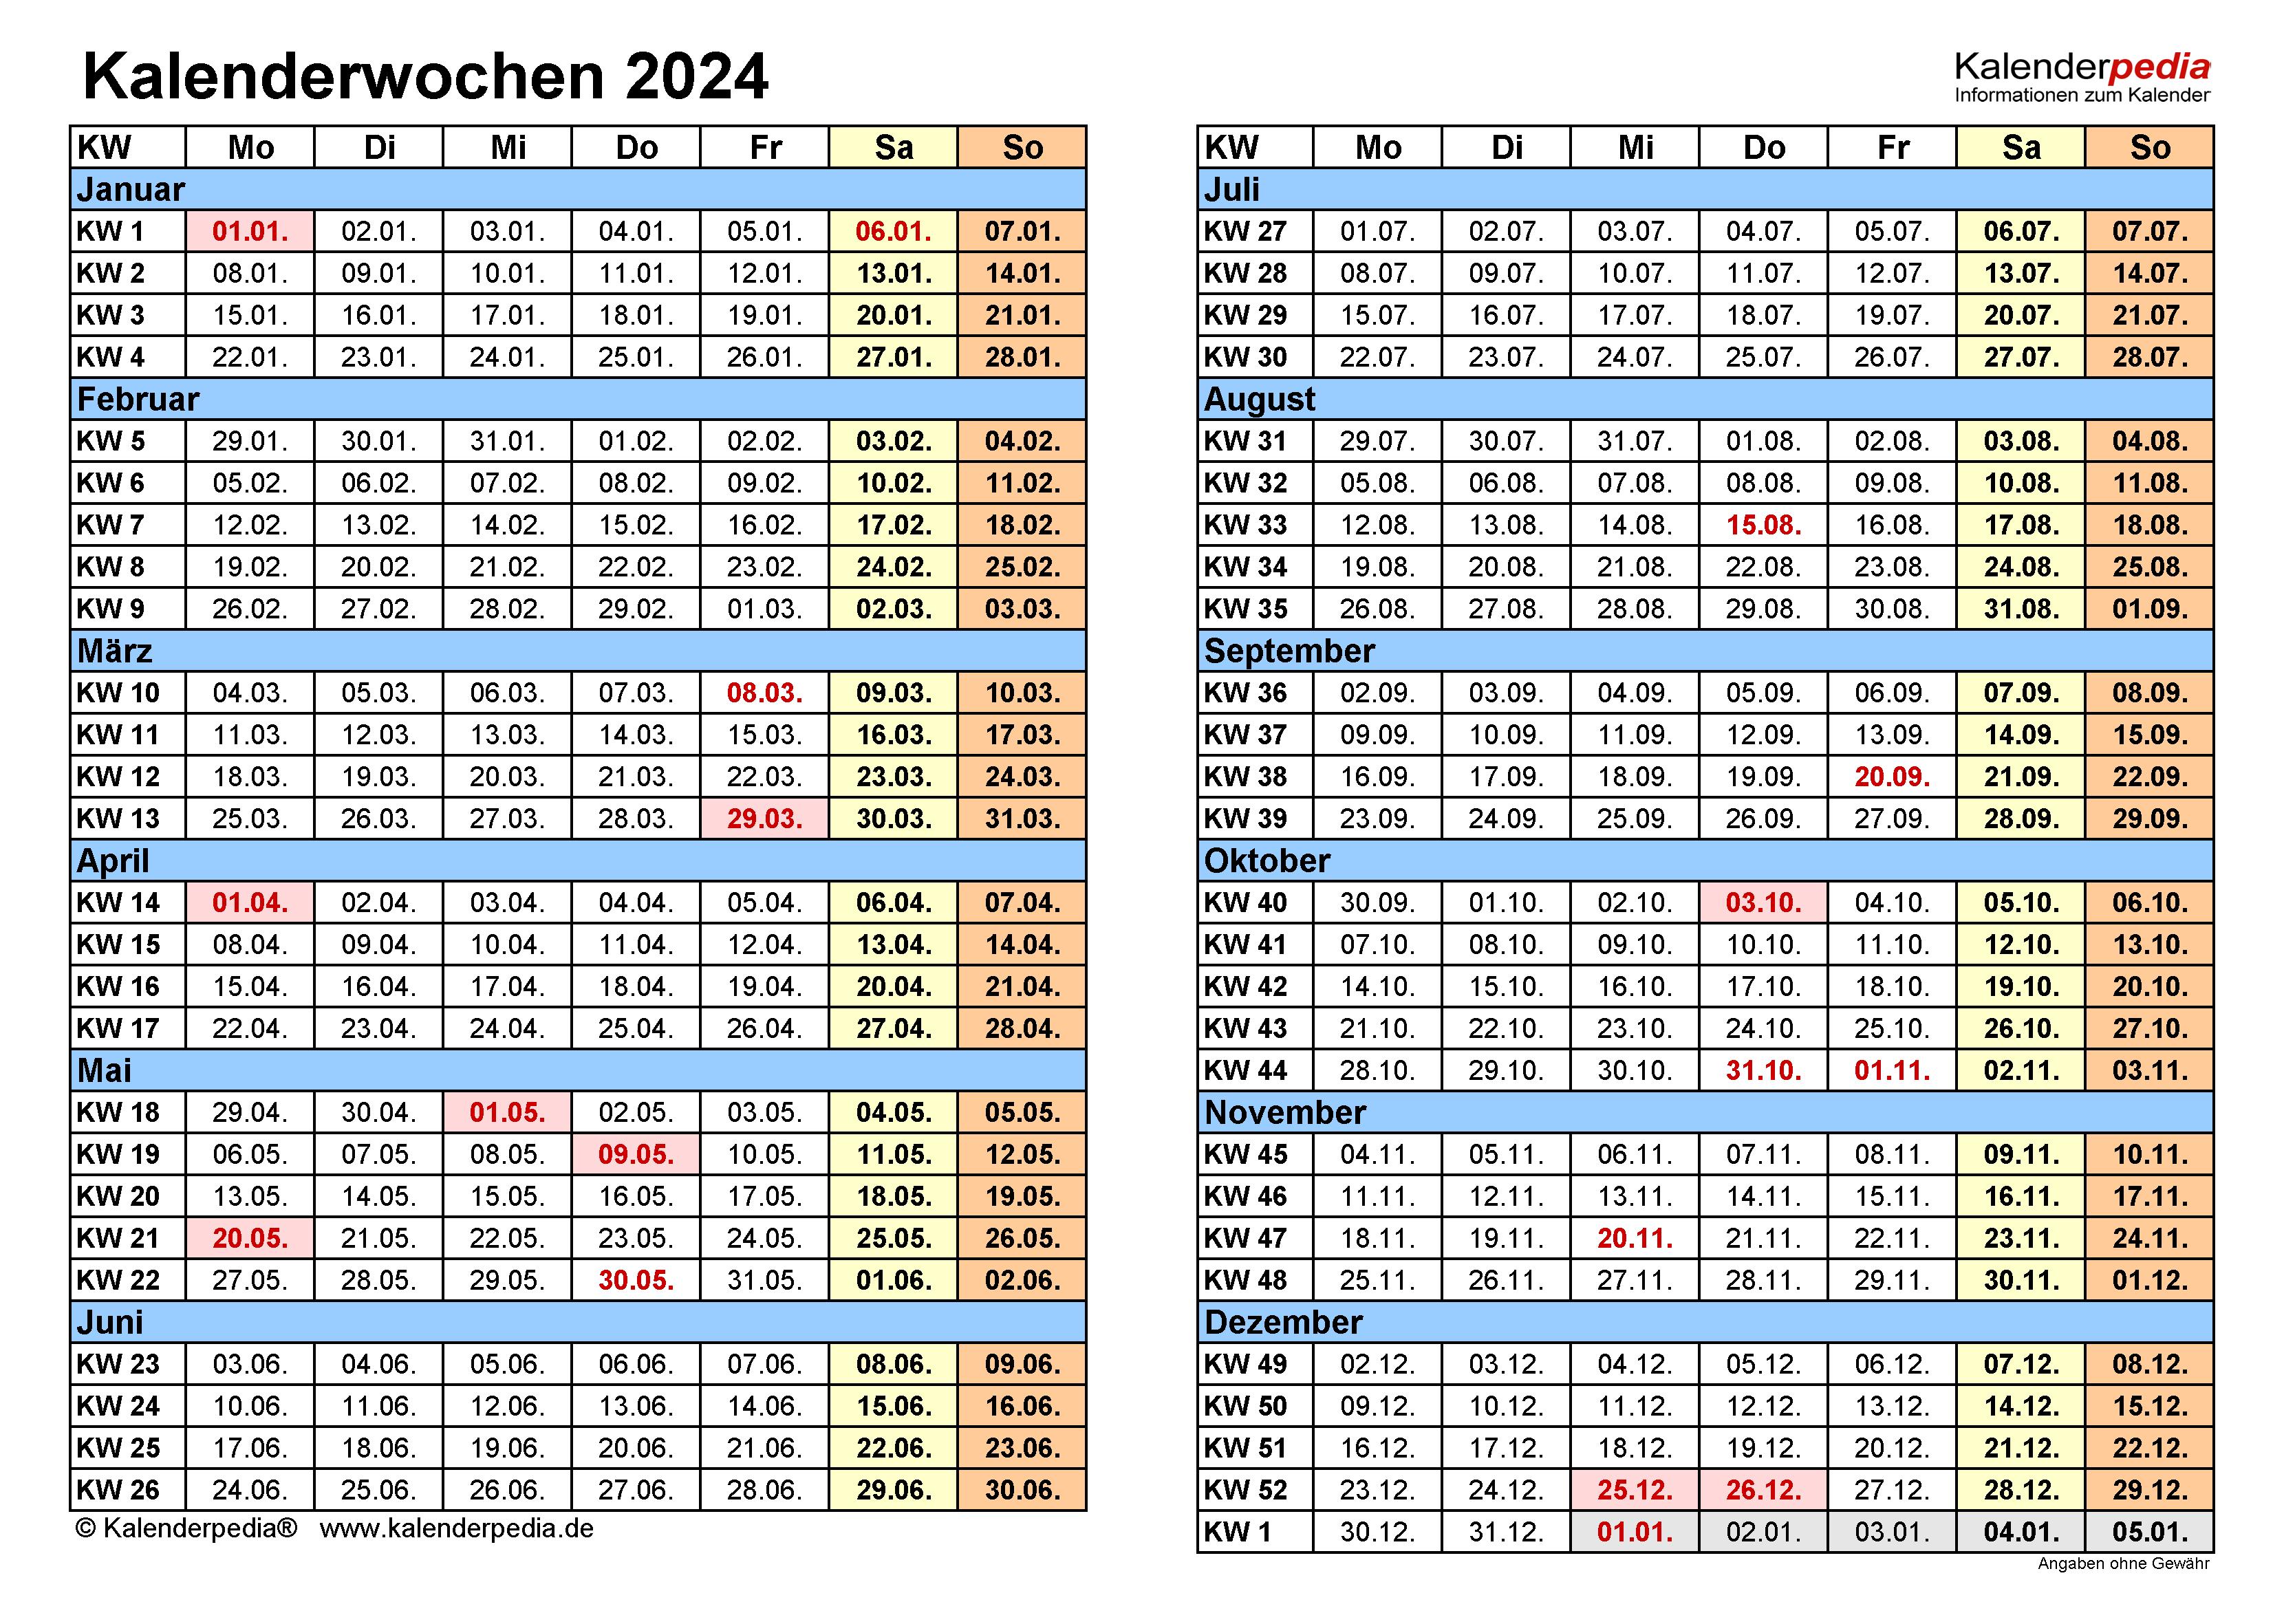 Kalenderwochen 2024 mit Vorlagen für Excel, Word & PDF